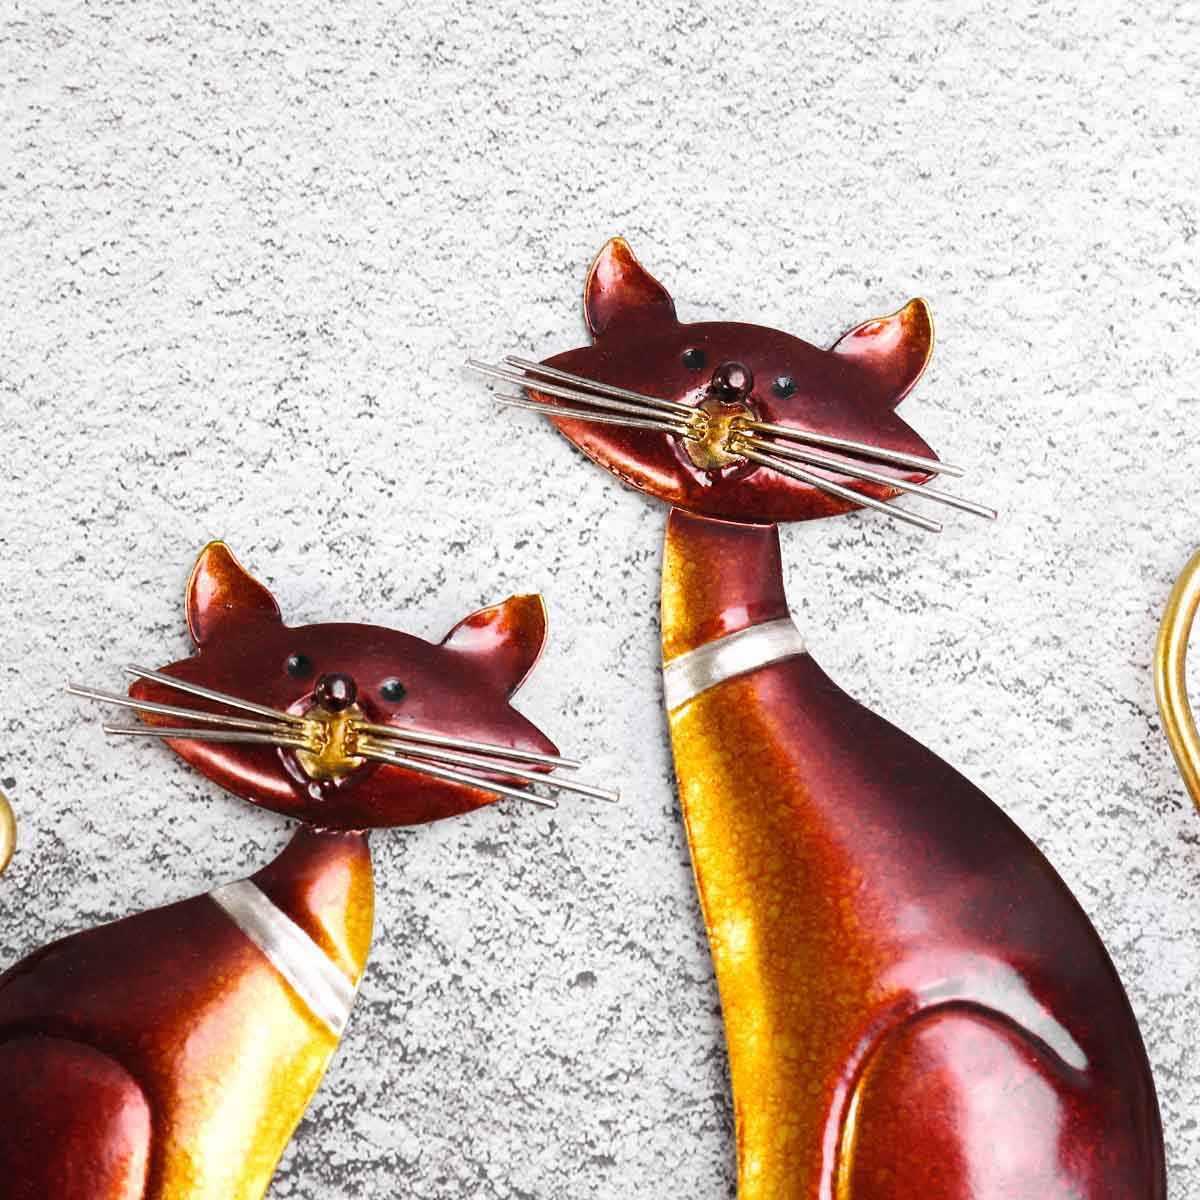 Tooarts Chave Gato Titular Cabide de Parede Gancho de Ferro Decoração 4 Ganchos para Casacos Sacos de Parede Montar Titular Roupas Decorativo Como presente